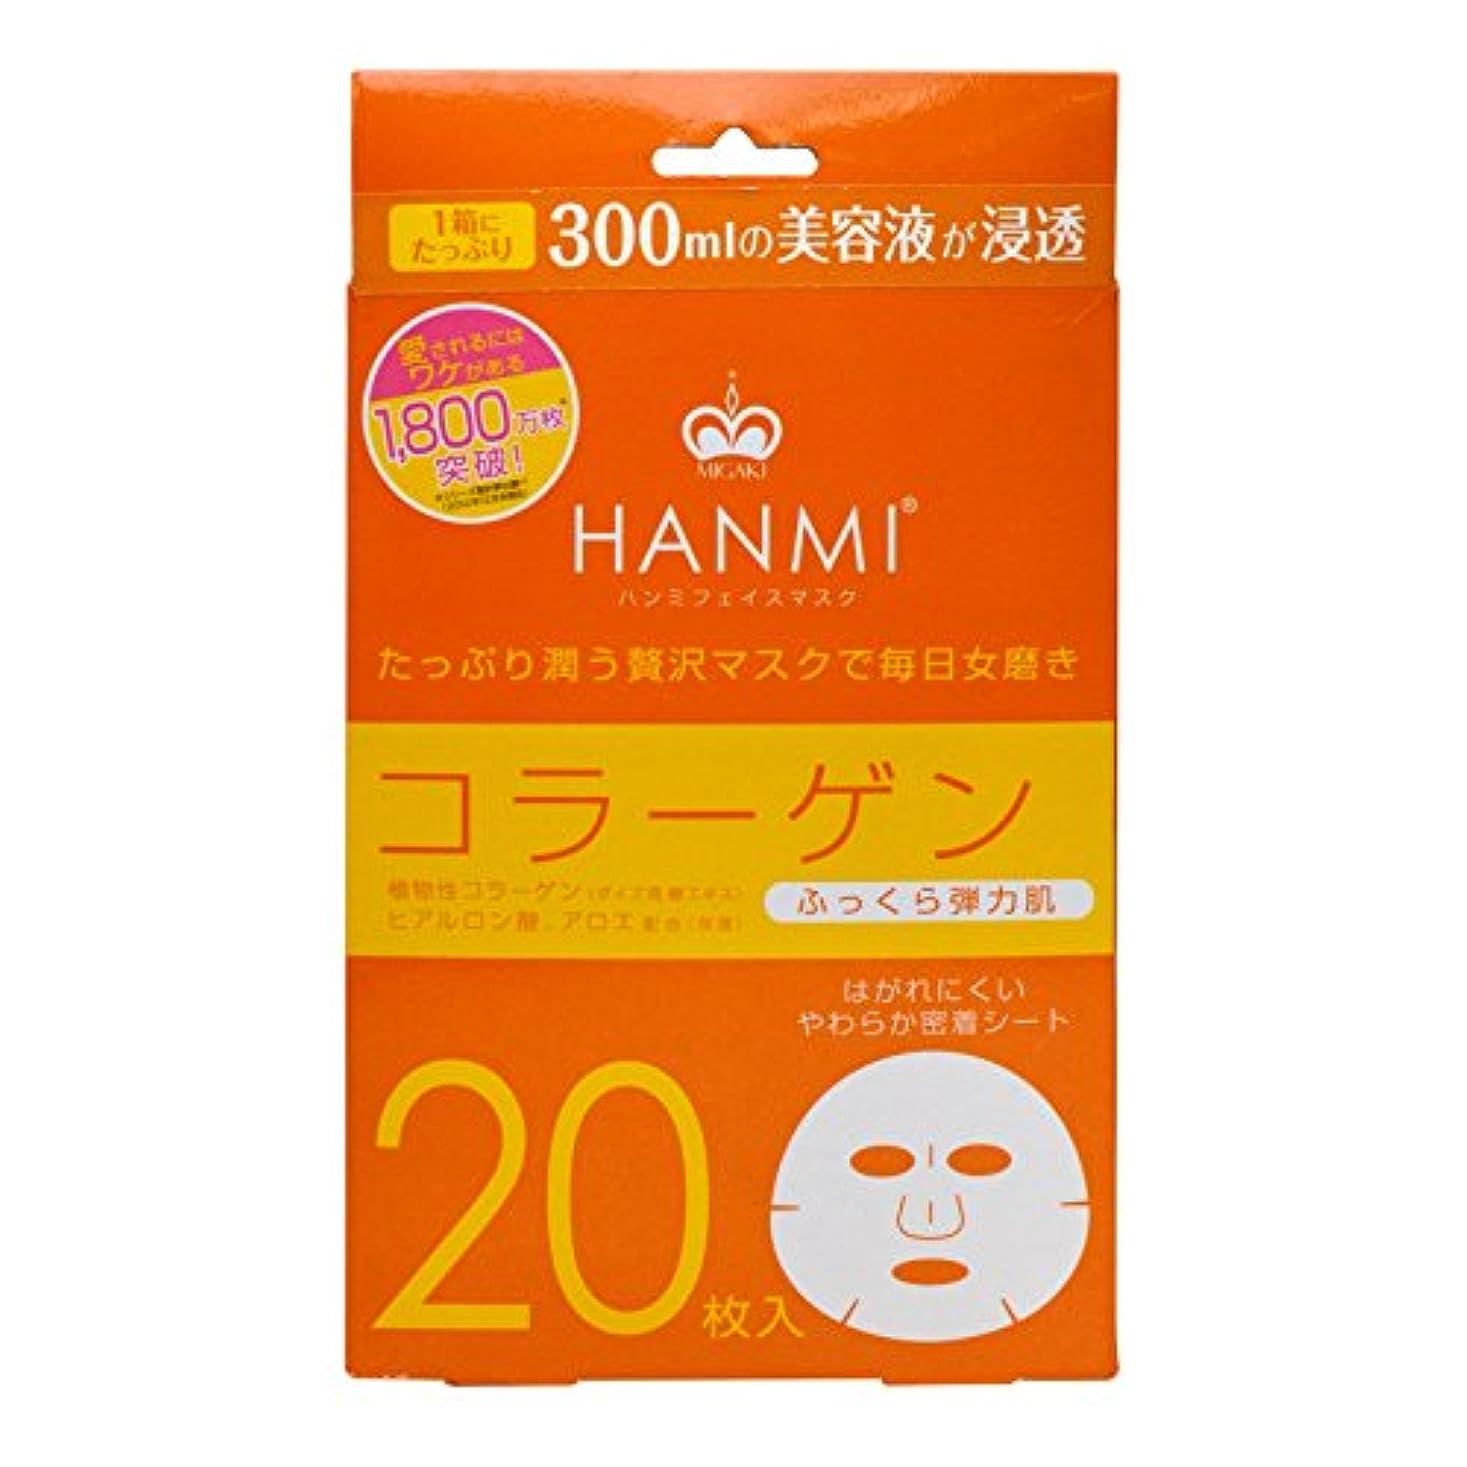 採用一般的な教育者MIGAKI ハンミフェイスマスク コラーゲン 20枚入り